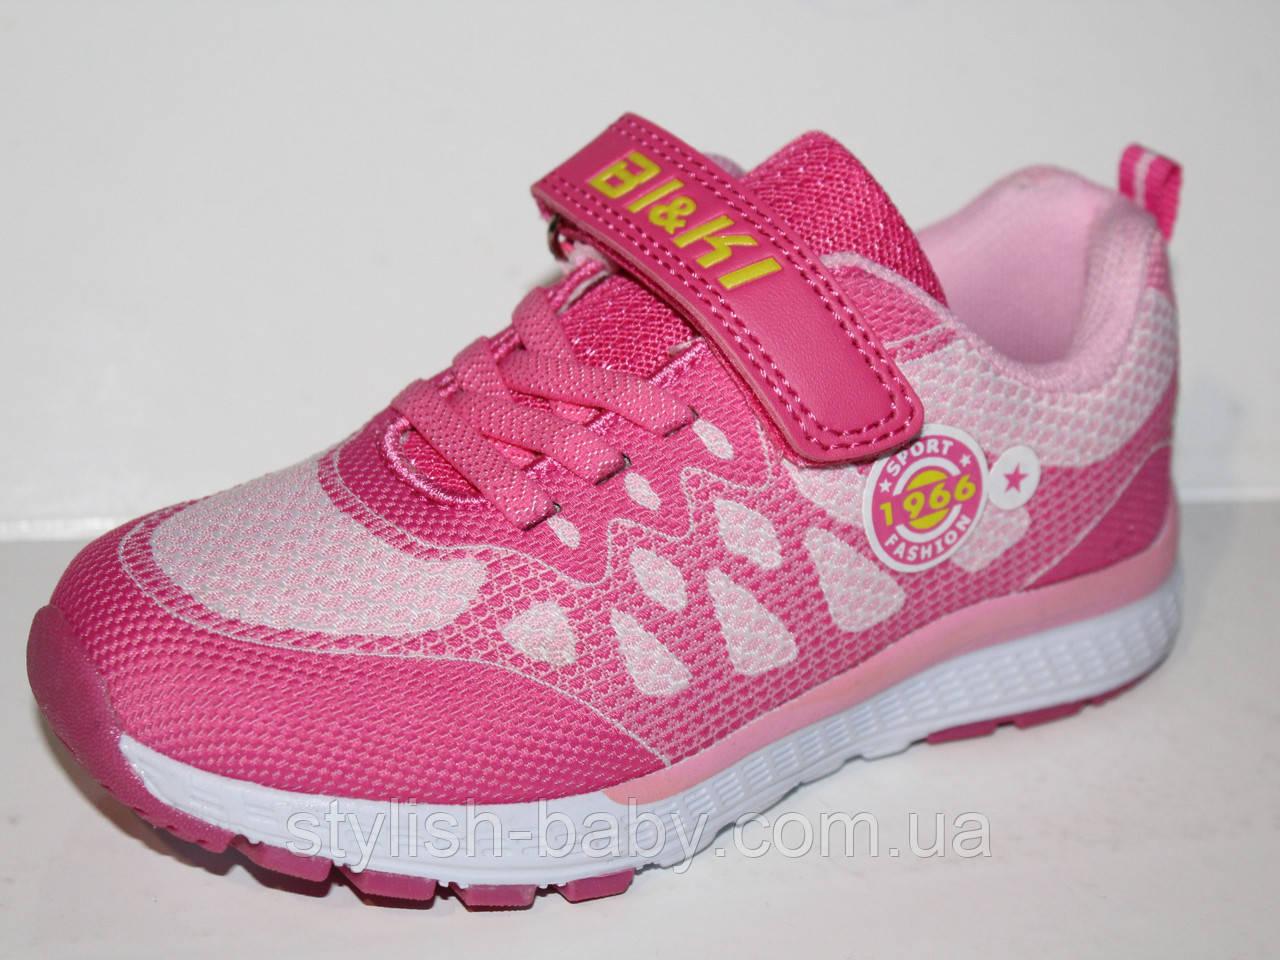 Детские кроссовки оптом. Детская спортивная обувь бренда Tom.m (Bi&Ki) для девочек (рр. с 27 по 32)